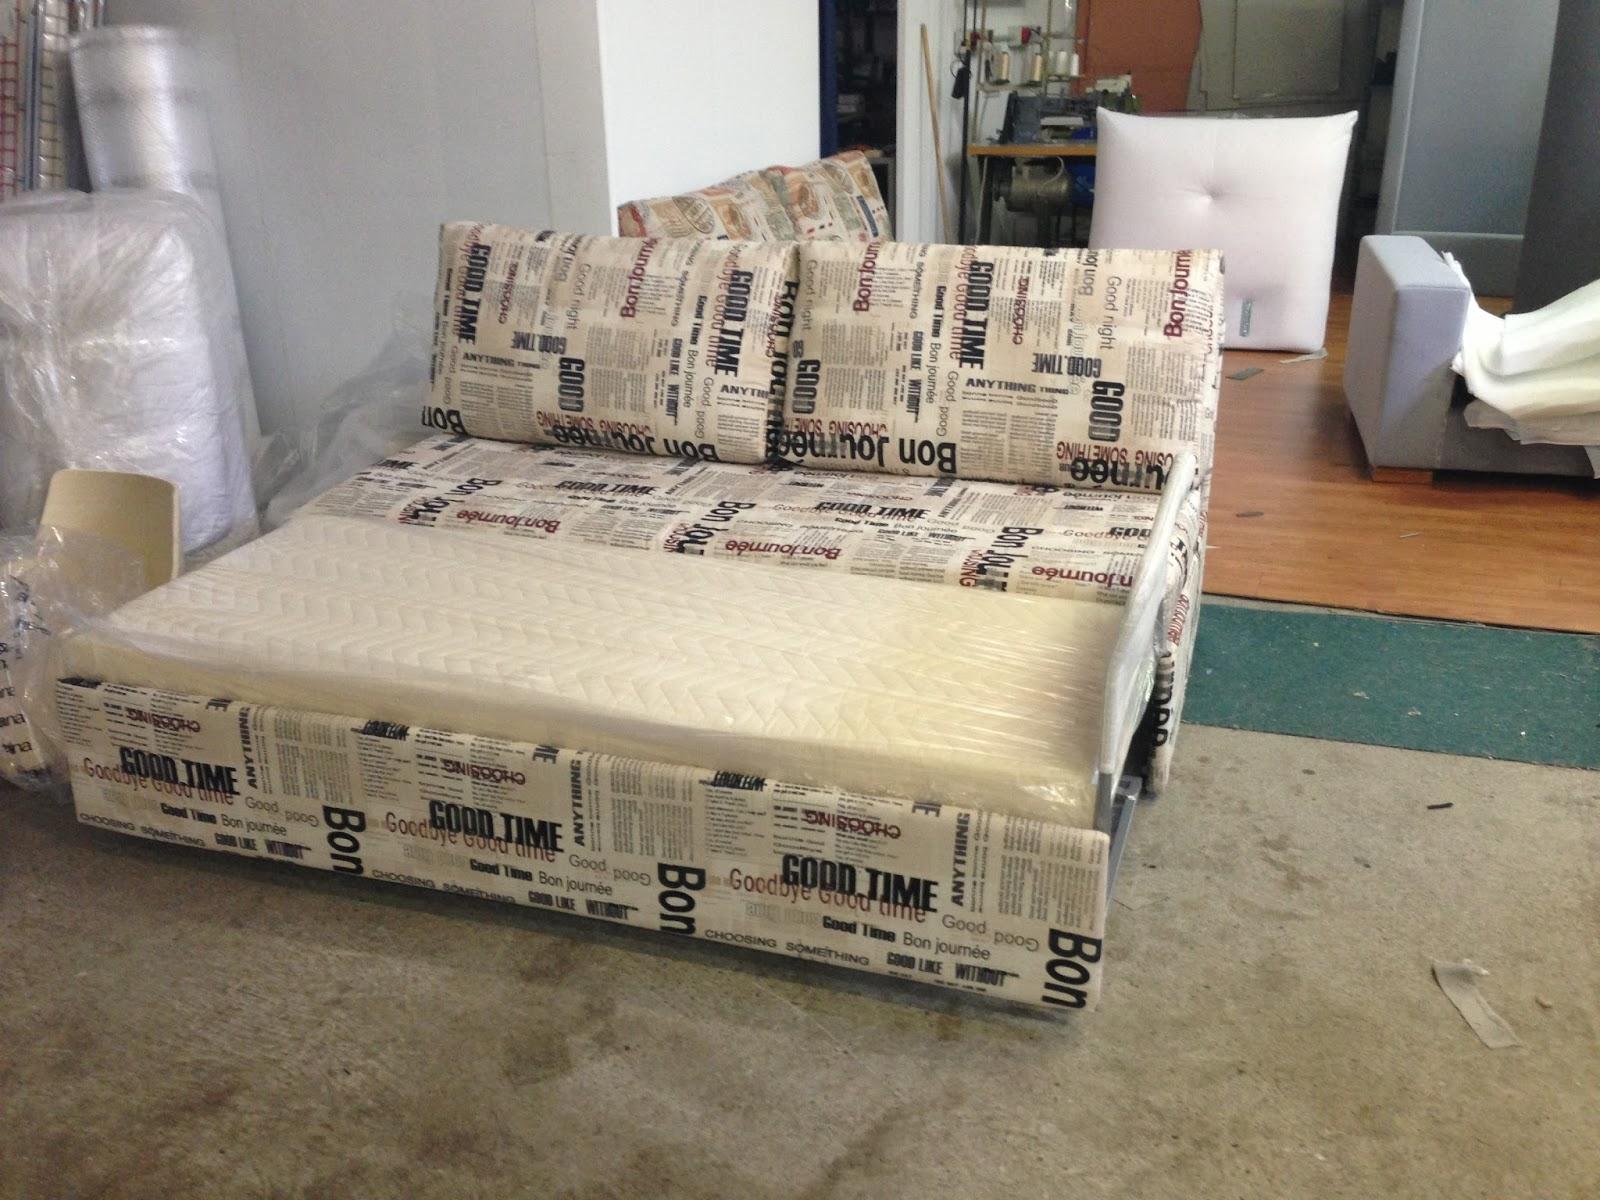 Vendita divani letto lissone monza e brianza milano divani letto su disegno con tessuto for Divani e divani divani letto